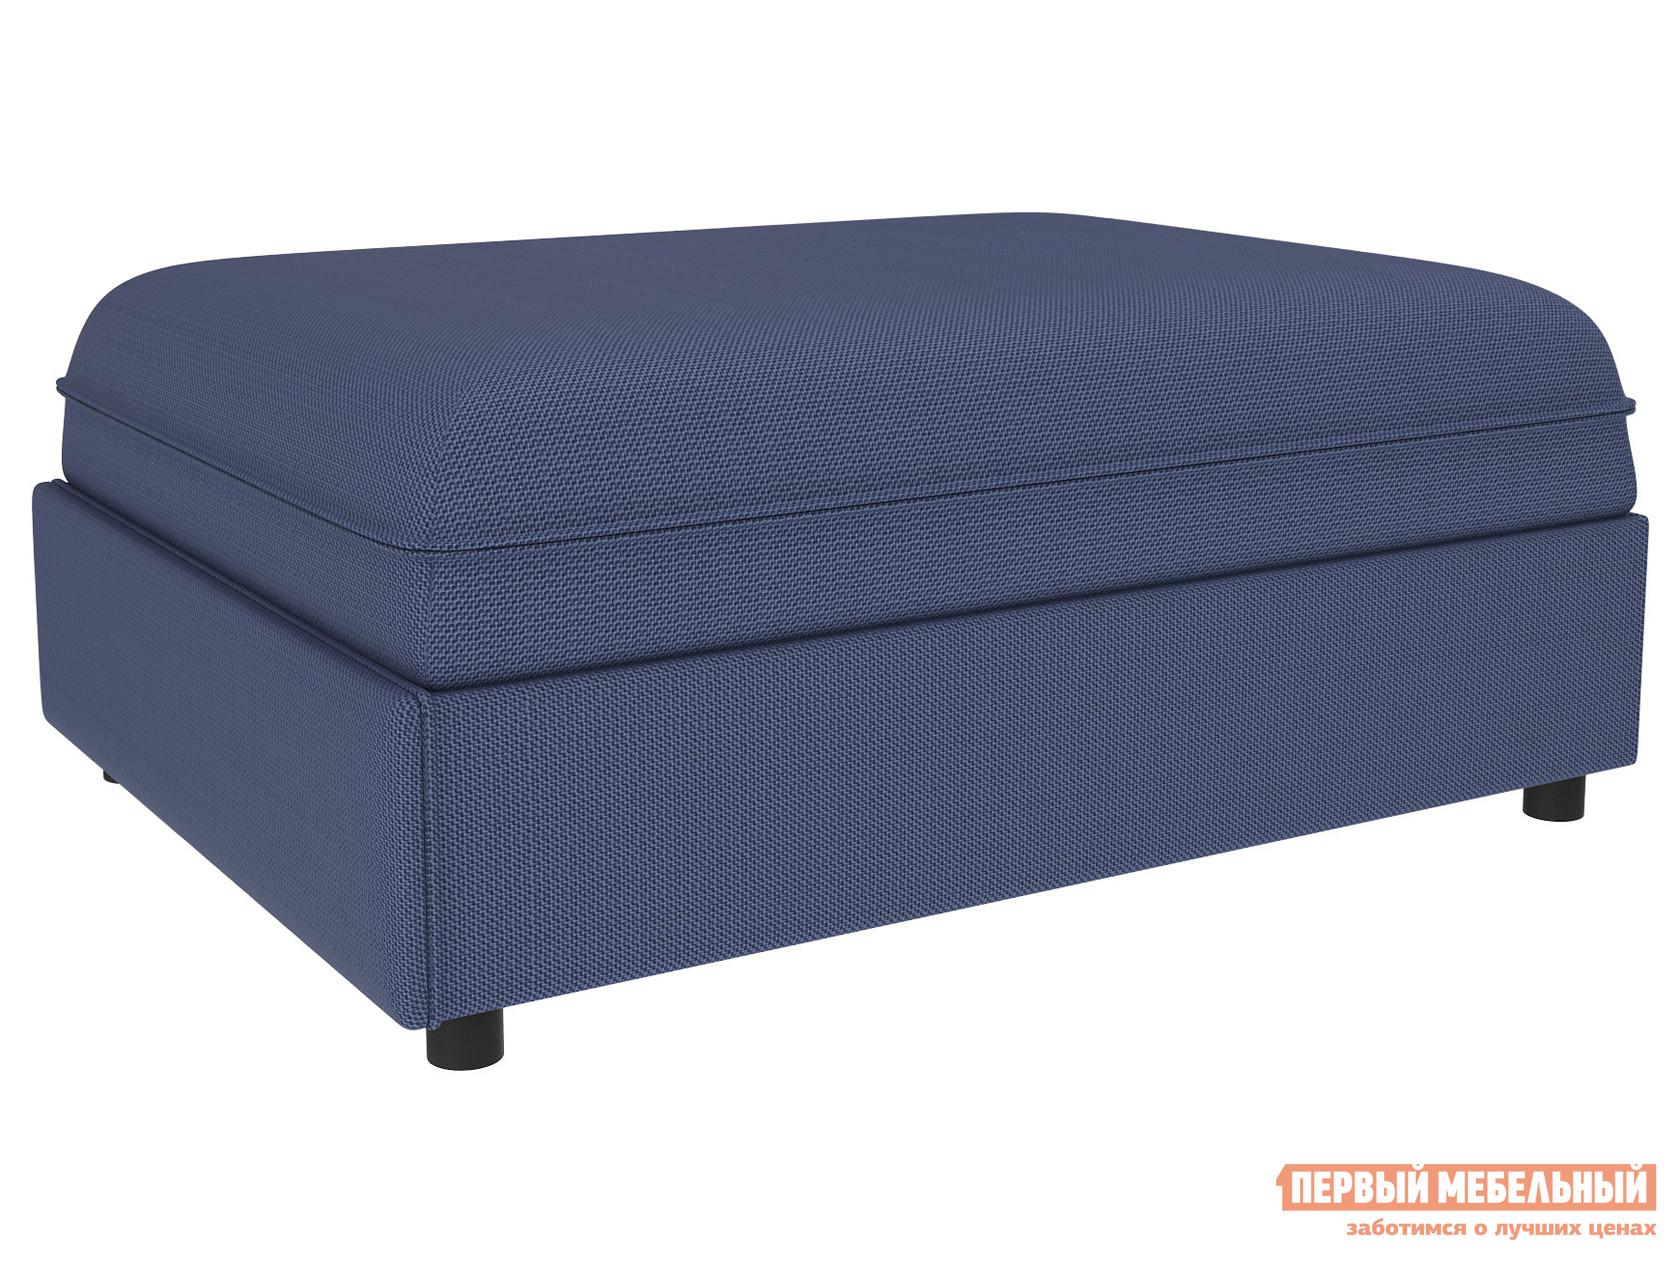 Диван-кровать Первый Мебельный Диван-кровать Капри